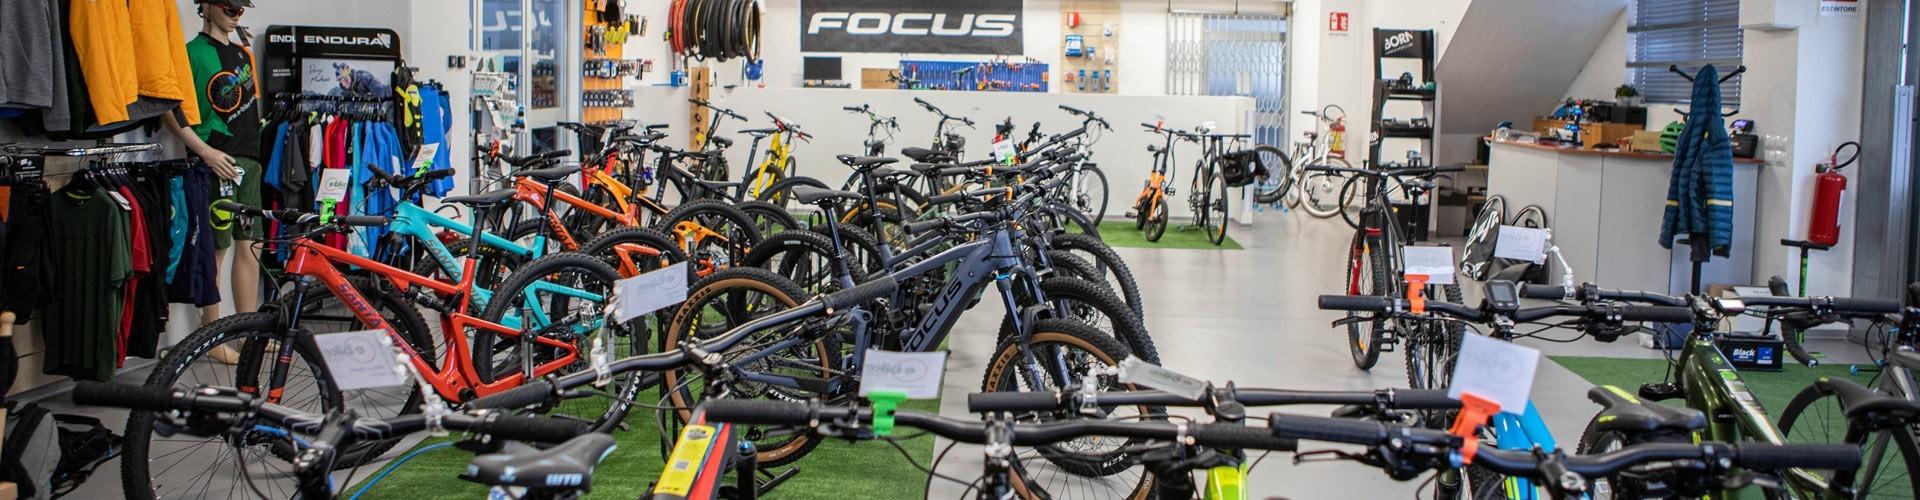 Vendita E-bike e biciclette di tutti i tipi: vedi tutto il catalogo del negozio E-Bike-Toscana